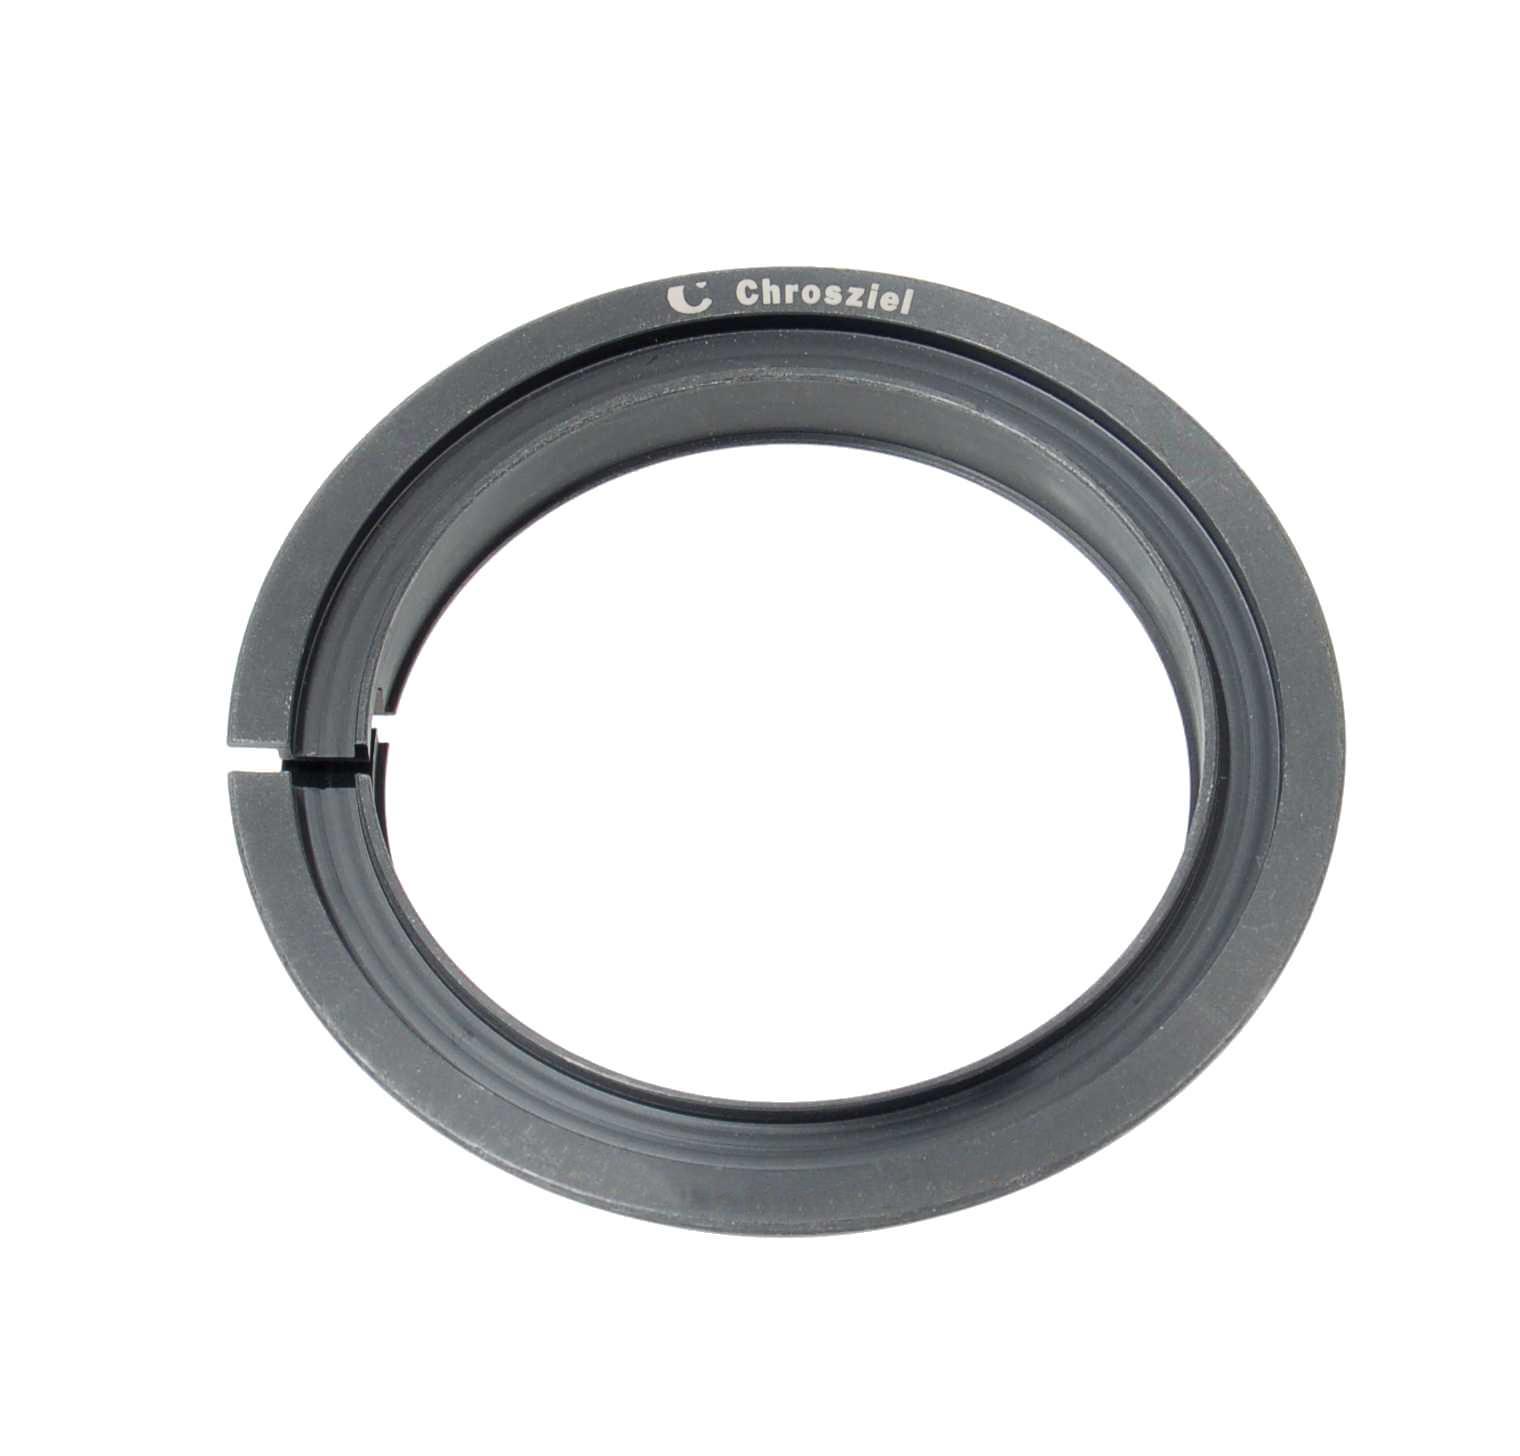 Step-down Ring Ø 104:80 mm